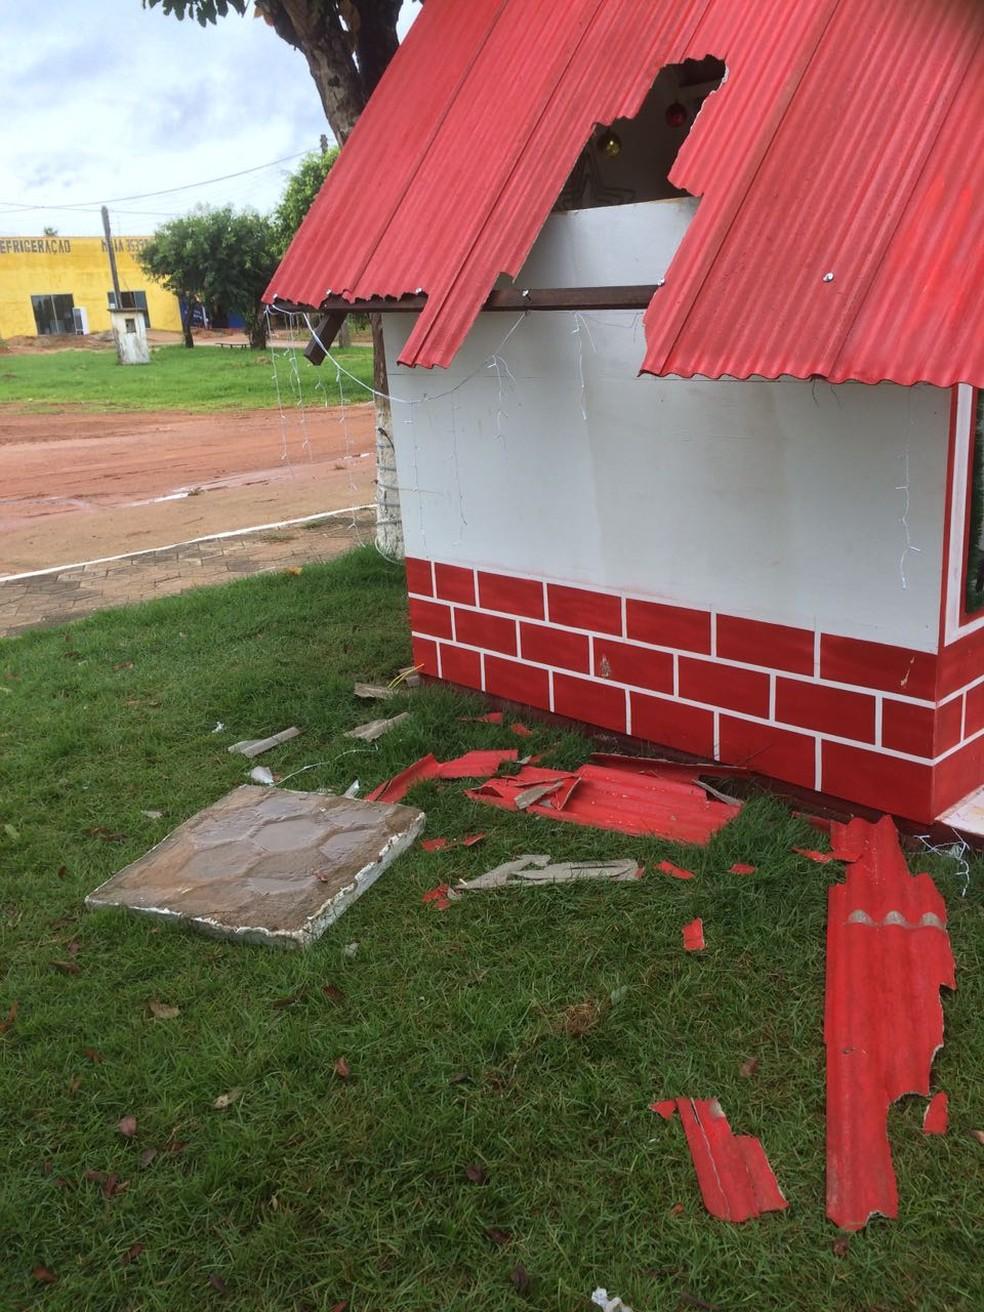 Secretária de agricultura ressaltou que tudo será reconstituído (Foto: Simone Carvalho de Oliveira/Arquivo Pessoal)